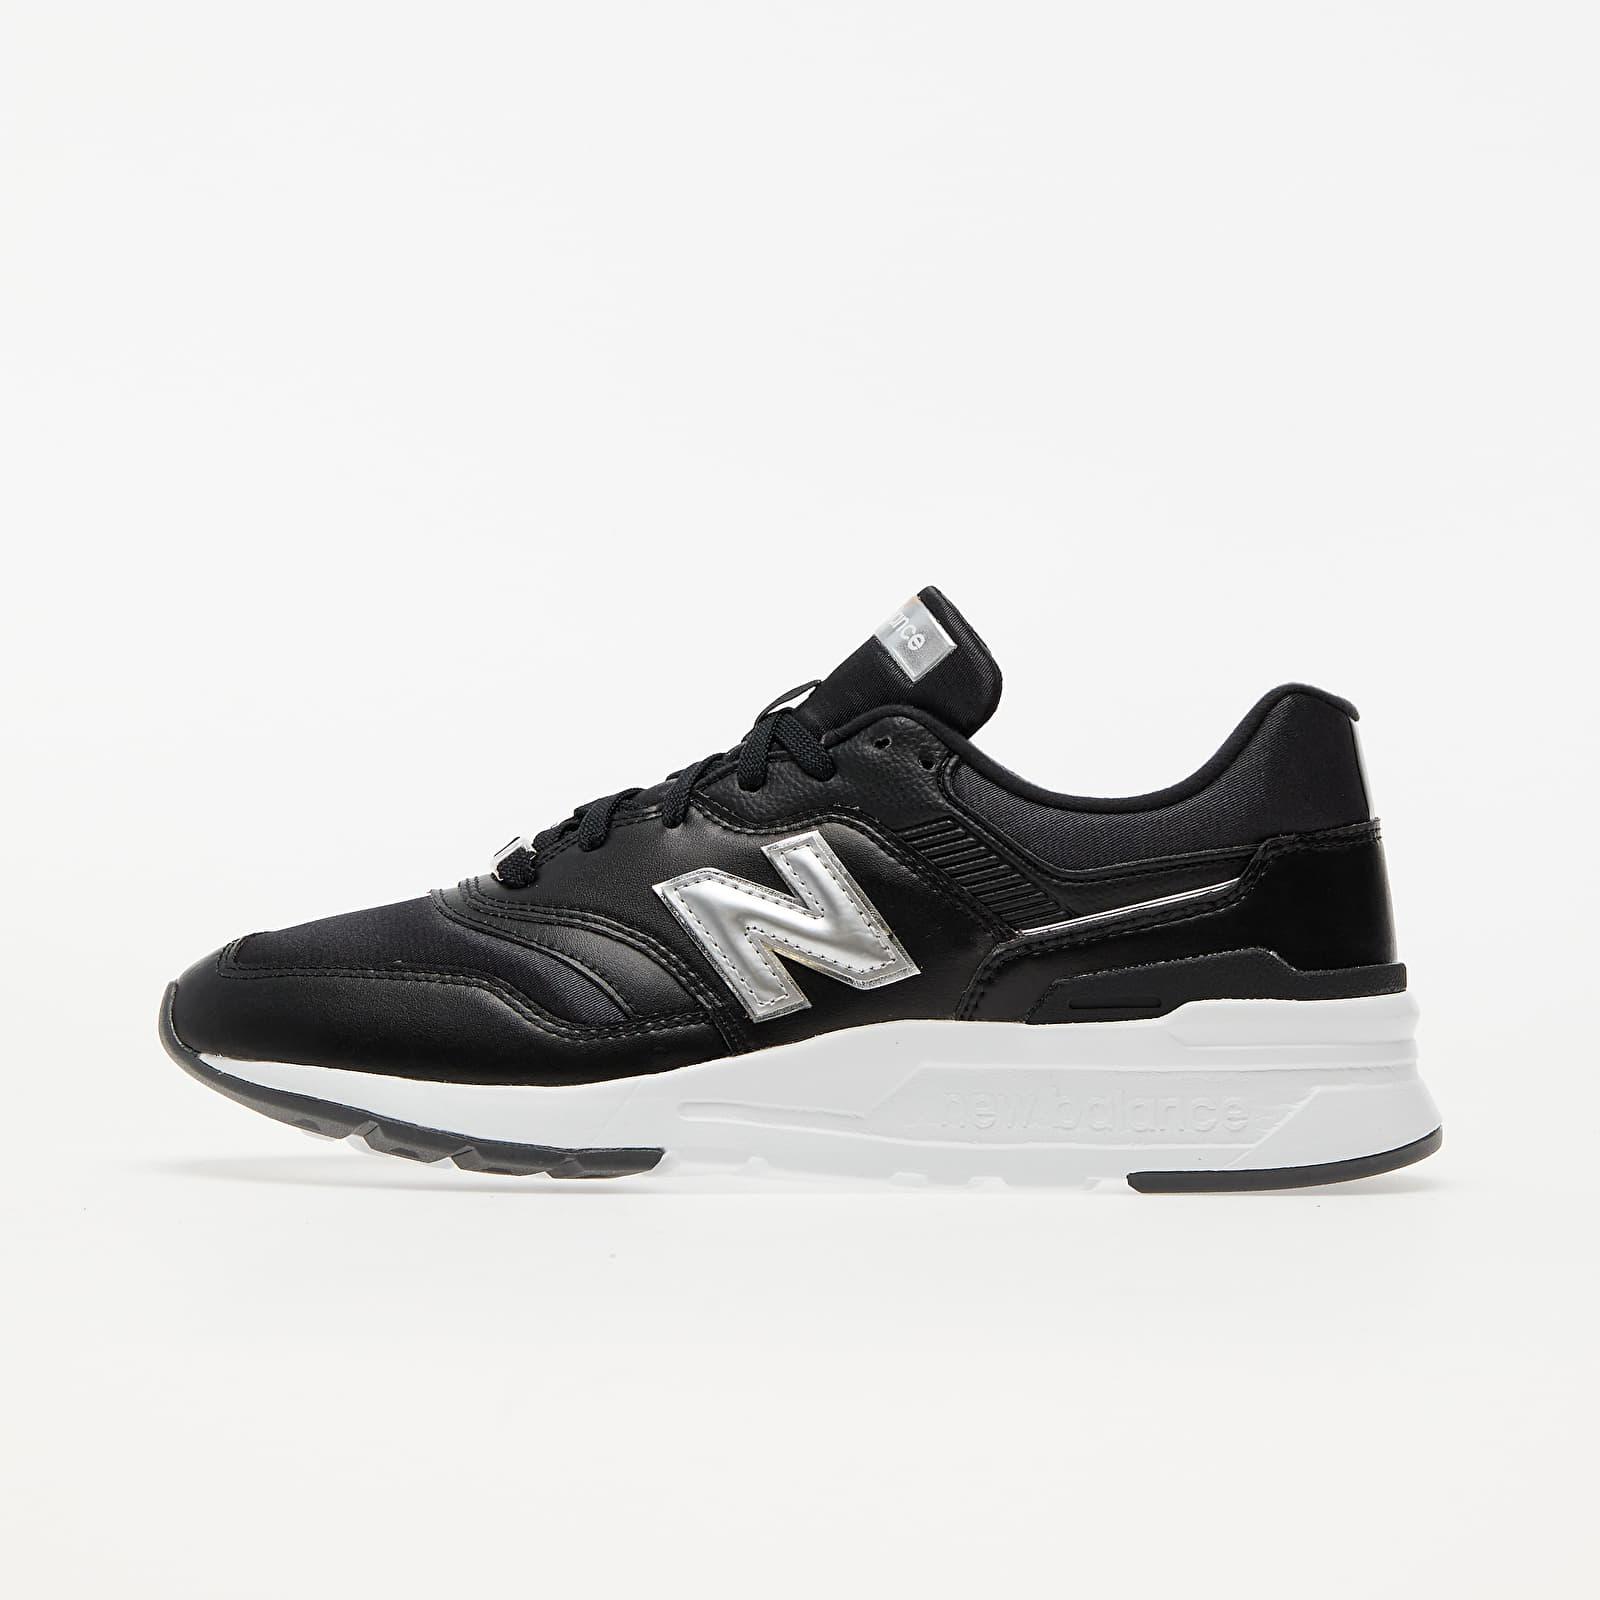 New Balance 997 Black/ Silver/ White EUR 36.5